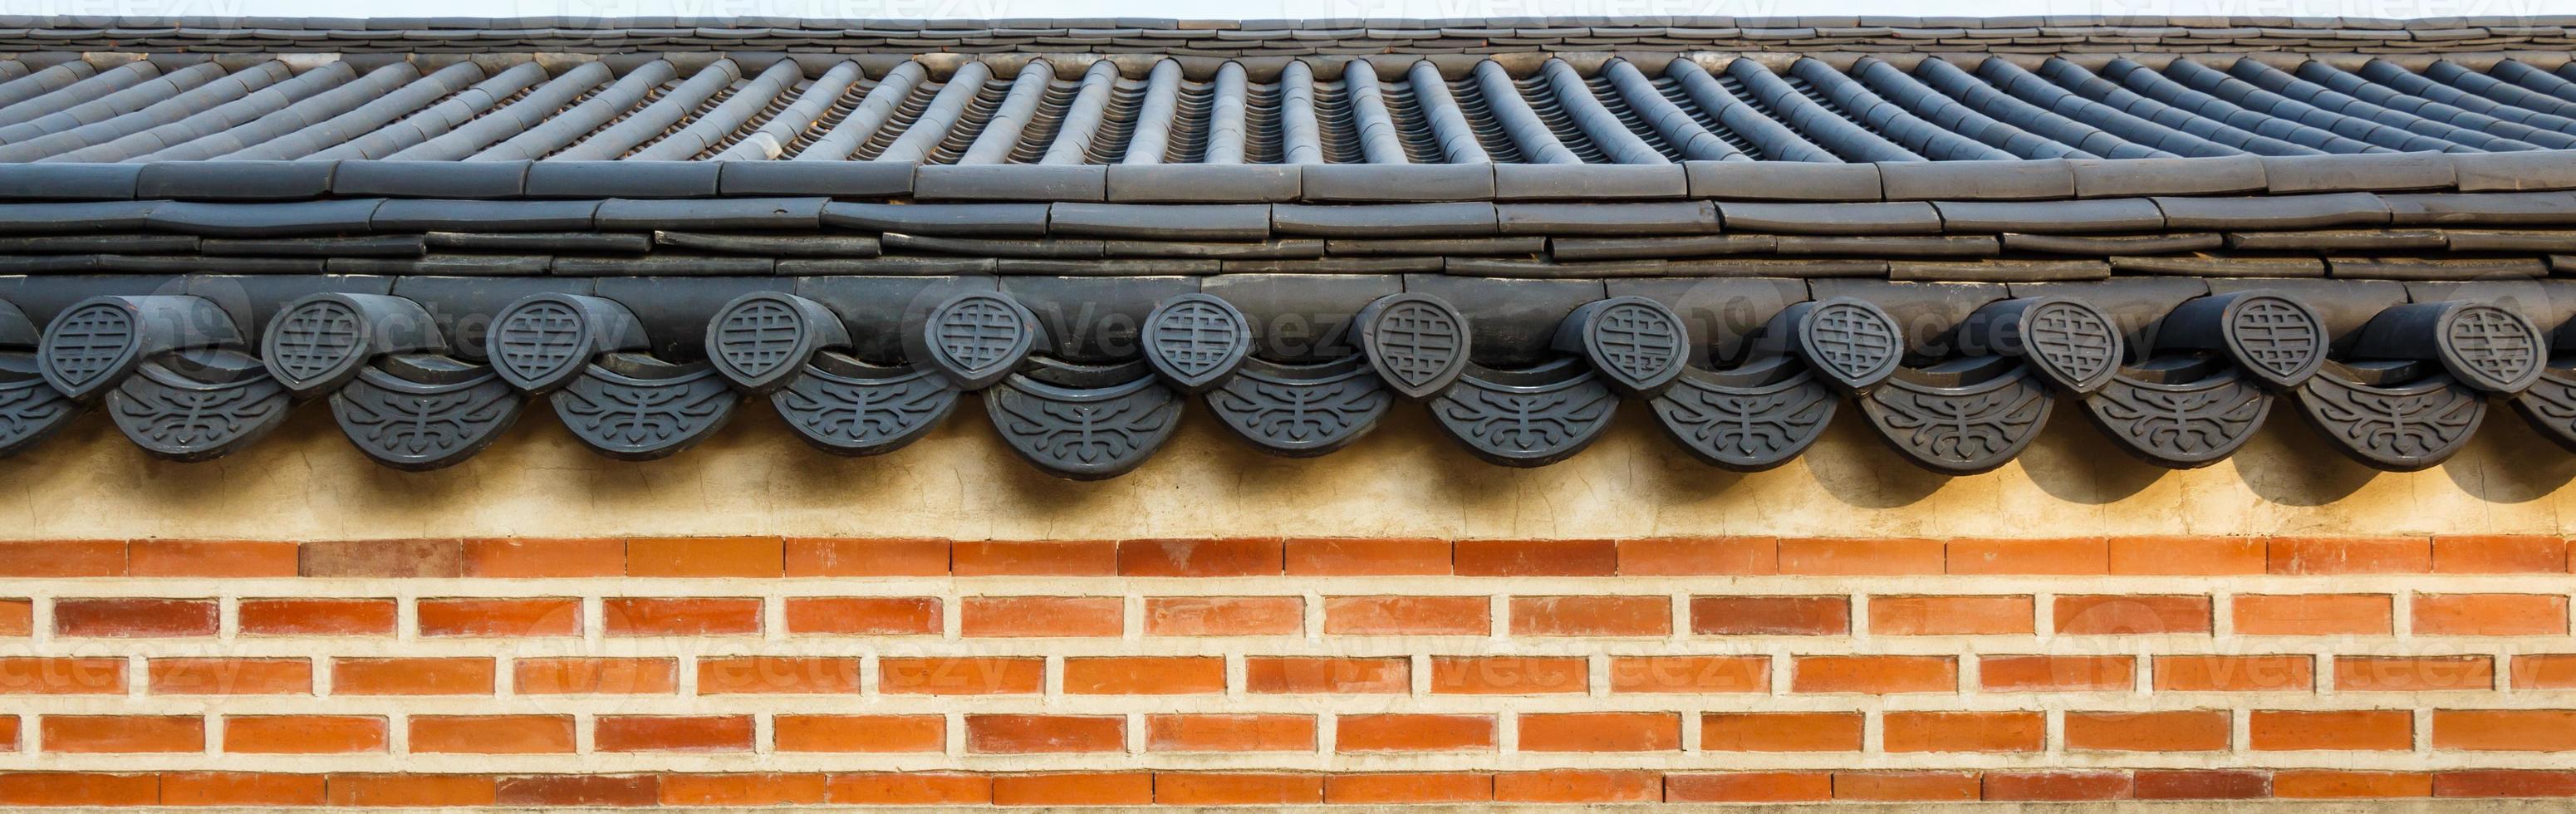 techo en la pared en el palacio gyeongbokgung corea del sur foto